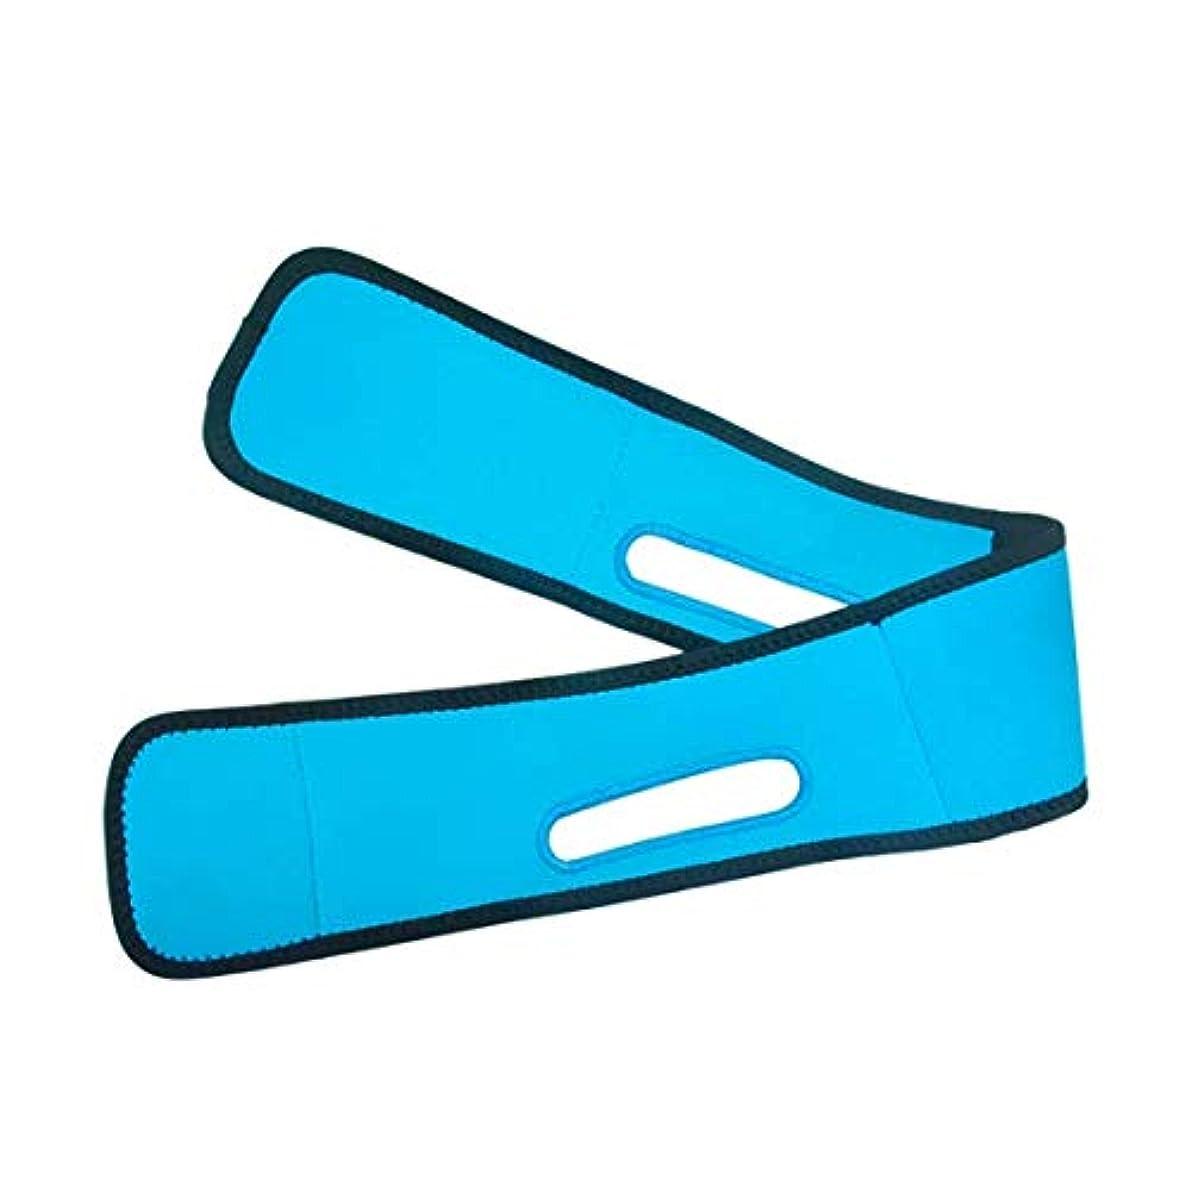 ダメージ衝突する放送スリミングベルト、フェイスマスクVフェイスアーティファクトマッサージマスクで顎の筋肉の収縮を強化し、Vフェイスリフトのタイトな包帯を簡単に形成